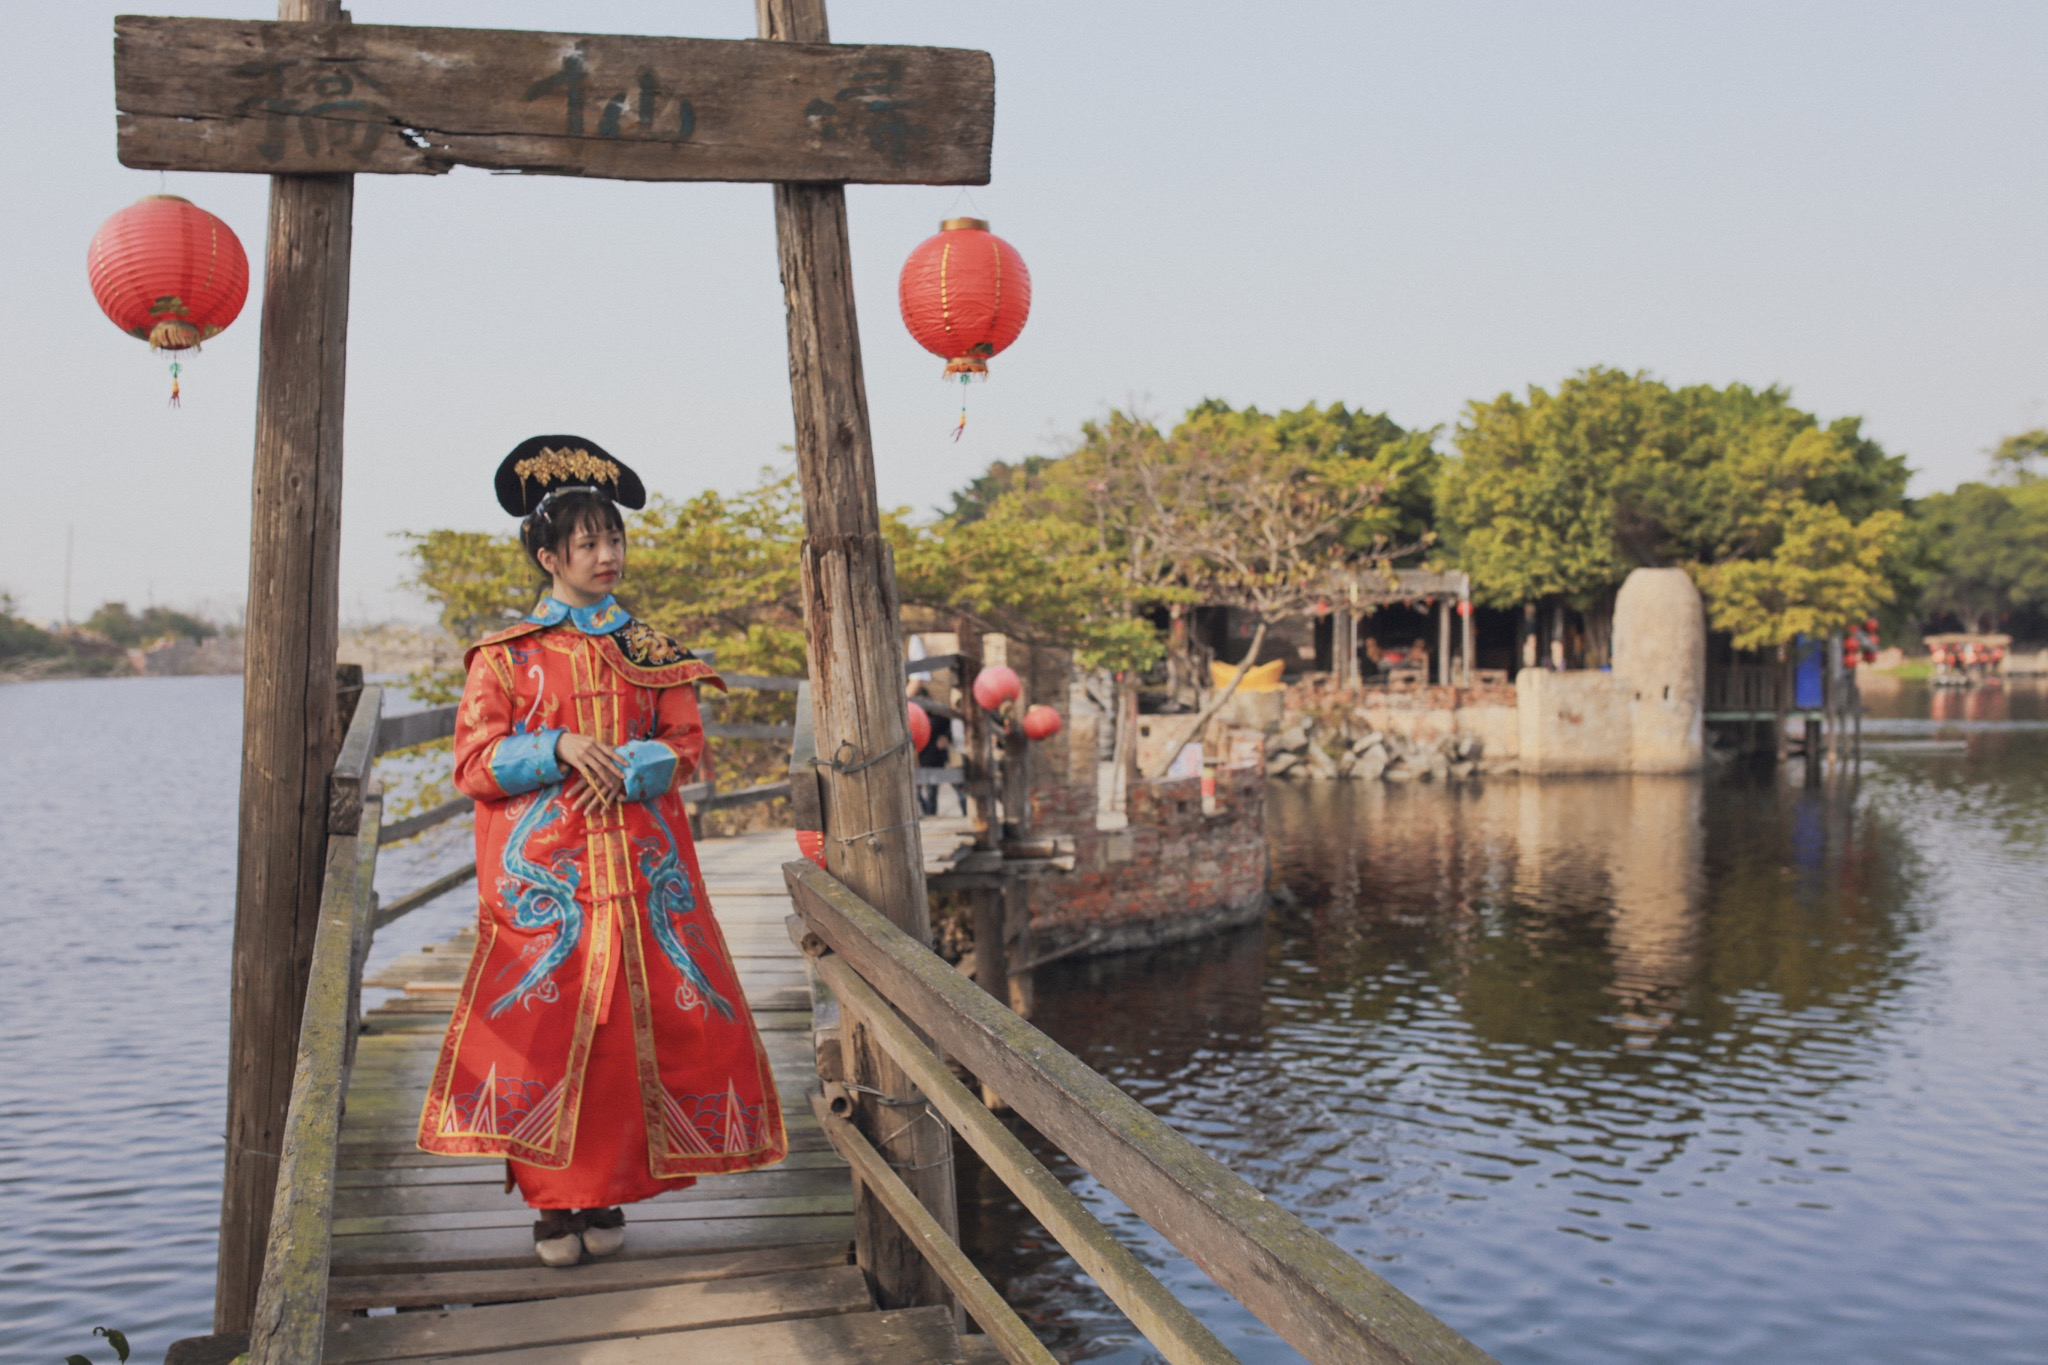 台南學甲老塘湖藝術村變裝體驗